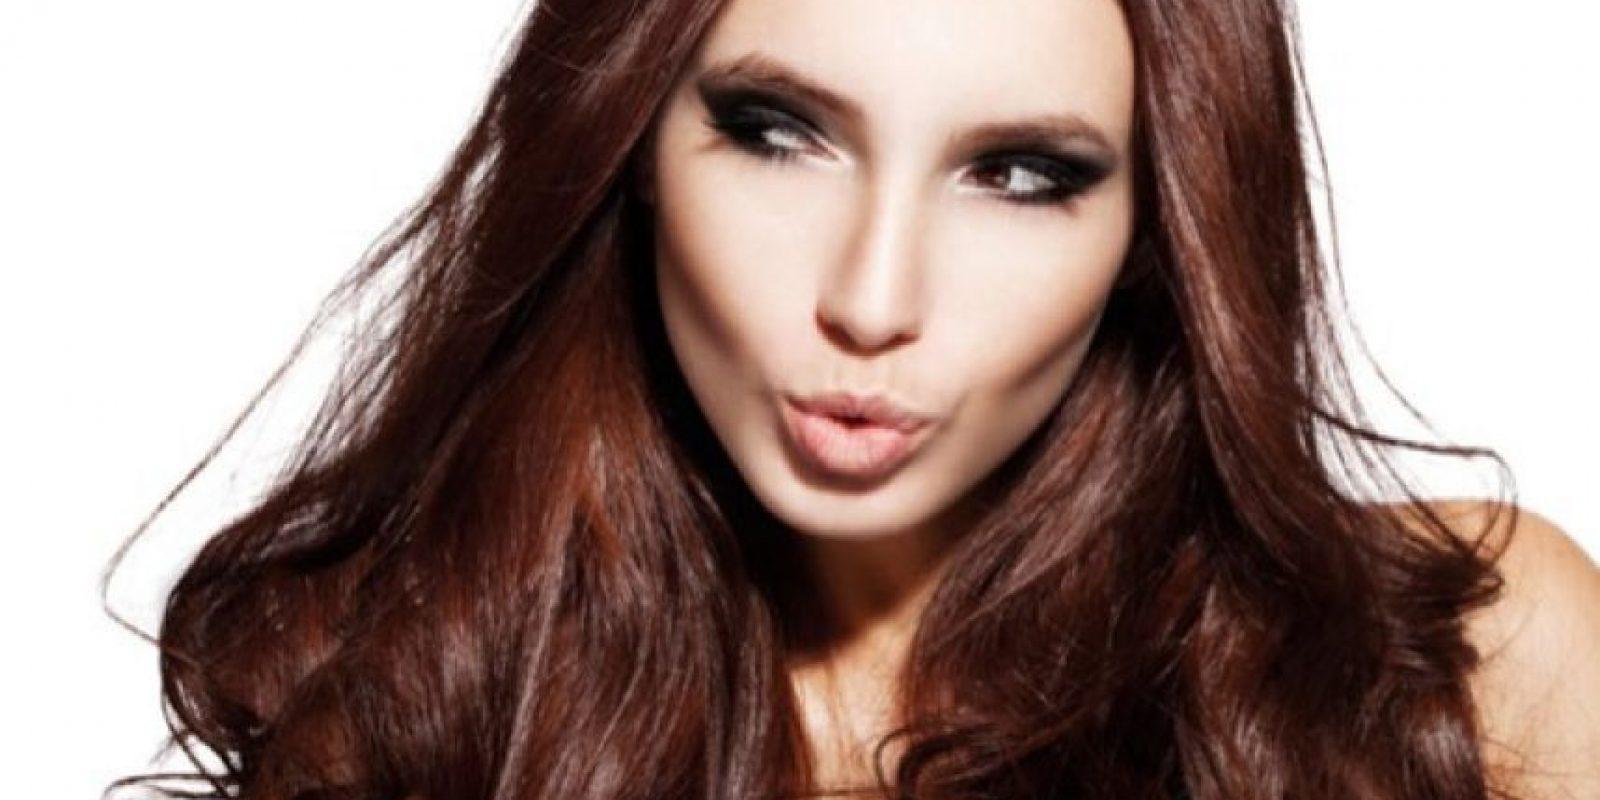 6. Cara en forma de corazón con unos ojos de 1 unidad de ancho. Foto:Tumblr.com/tagged-mujer-guapa